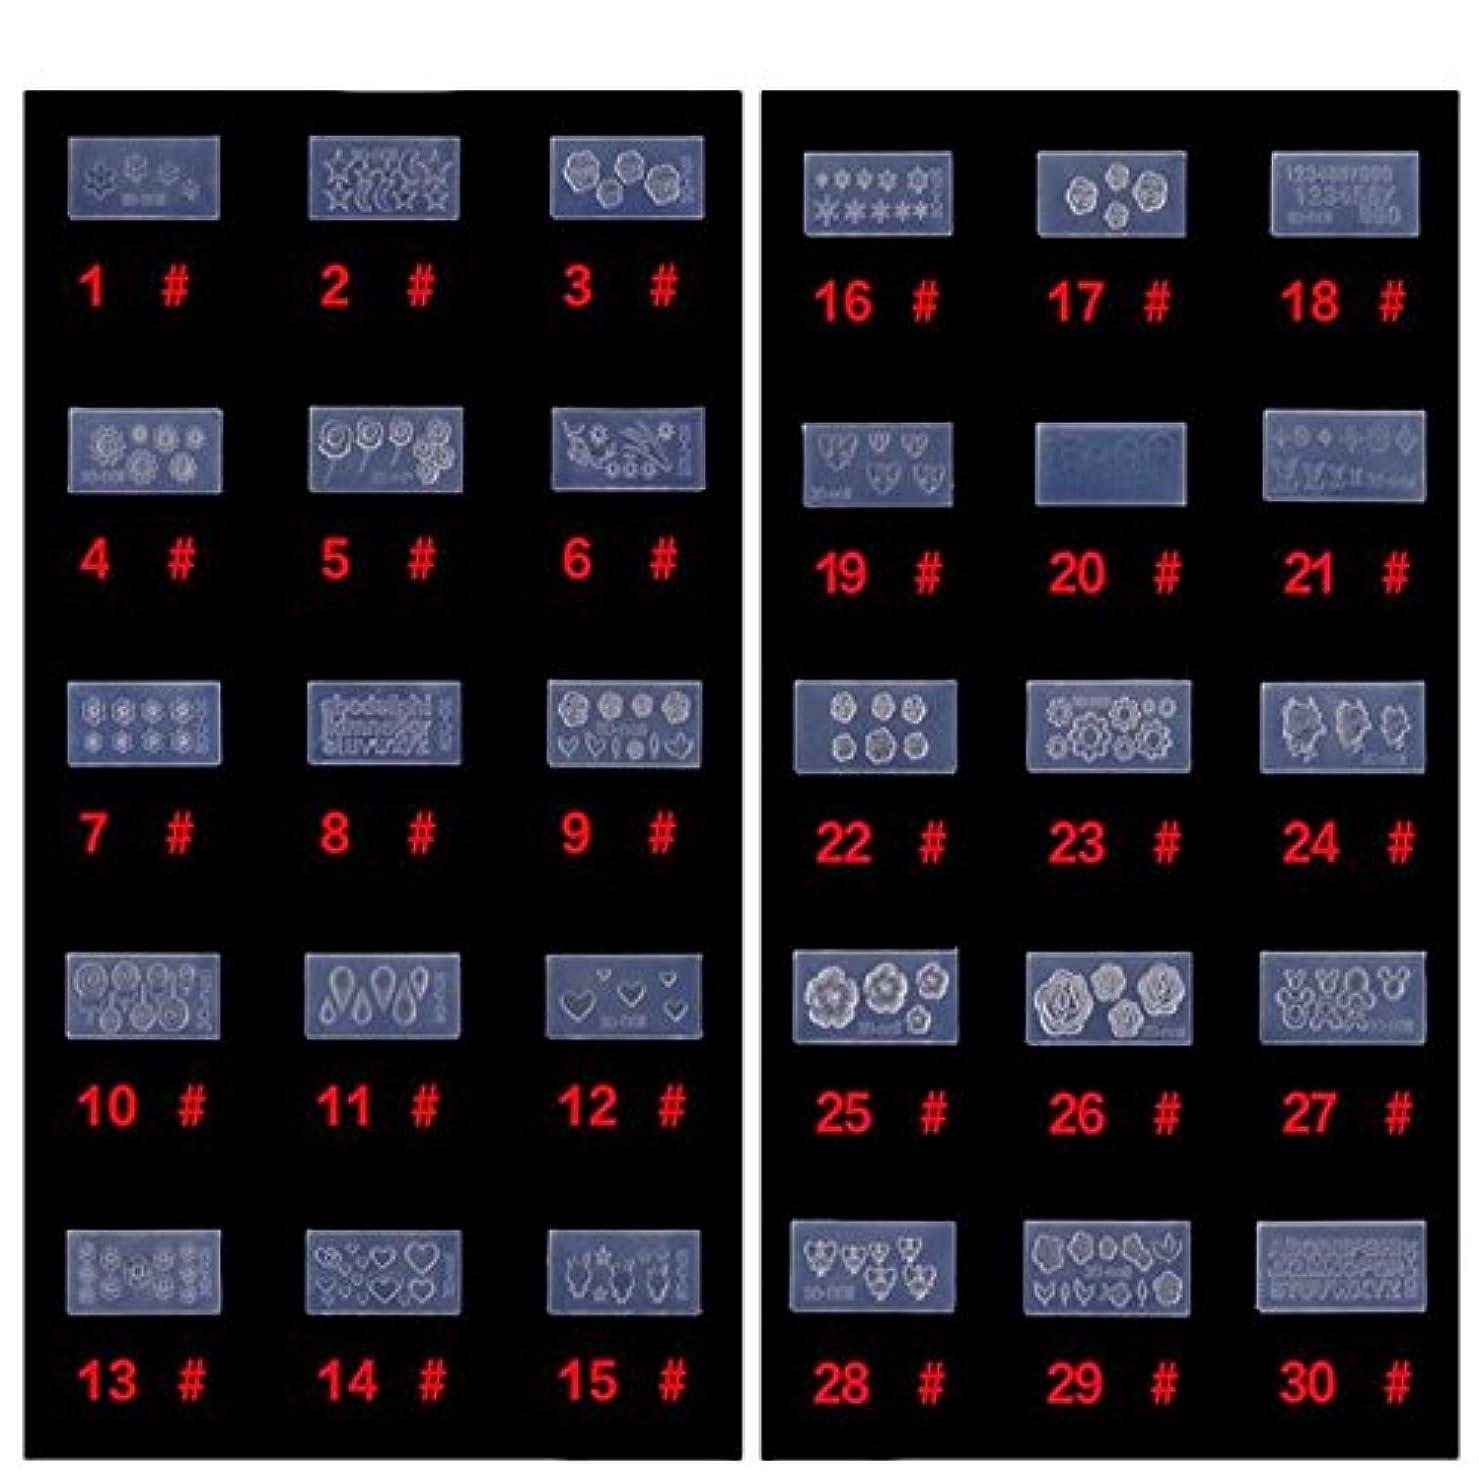 災難影響するノベルティシリコン モールド 3D ネイル用 アートデコ まとめて30個 ランダムセット レジン 道具 型 型どり